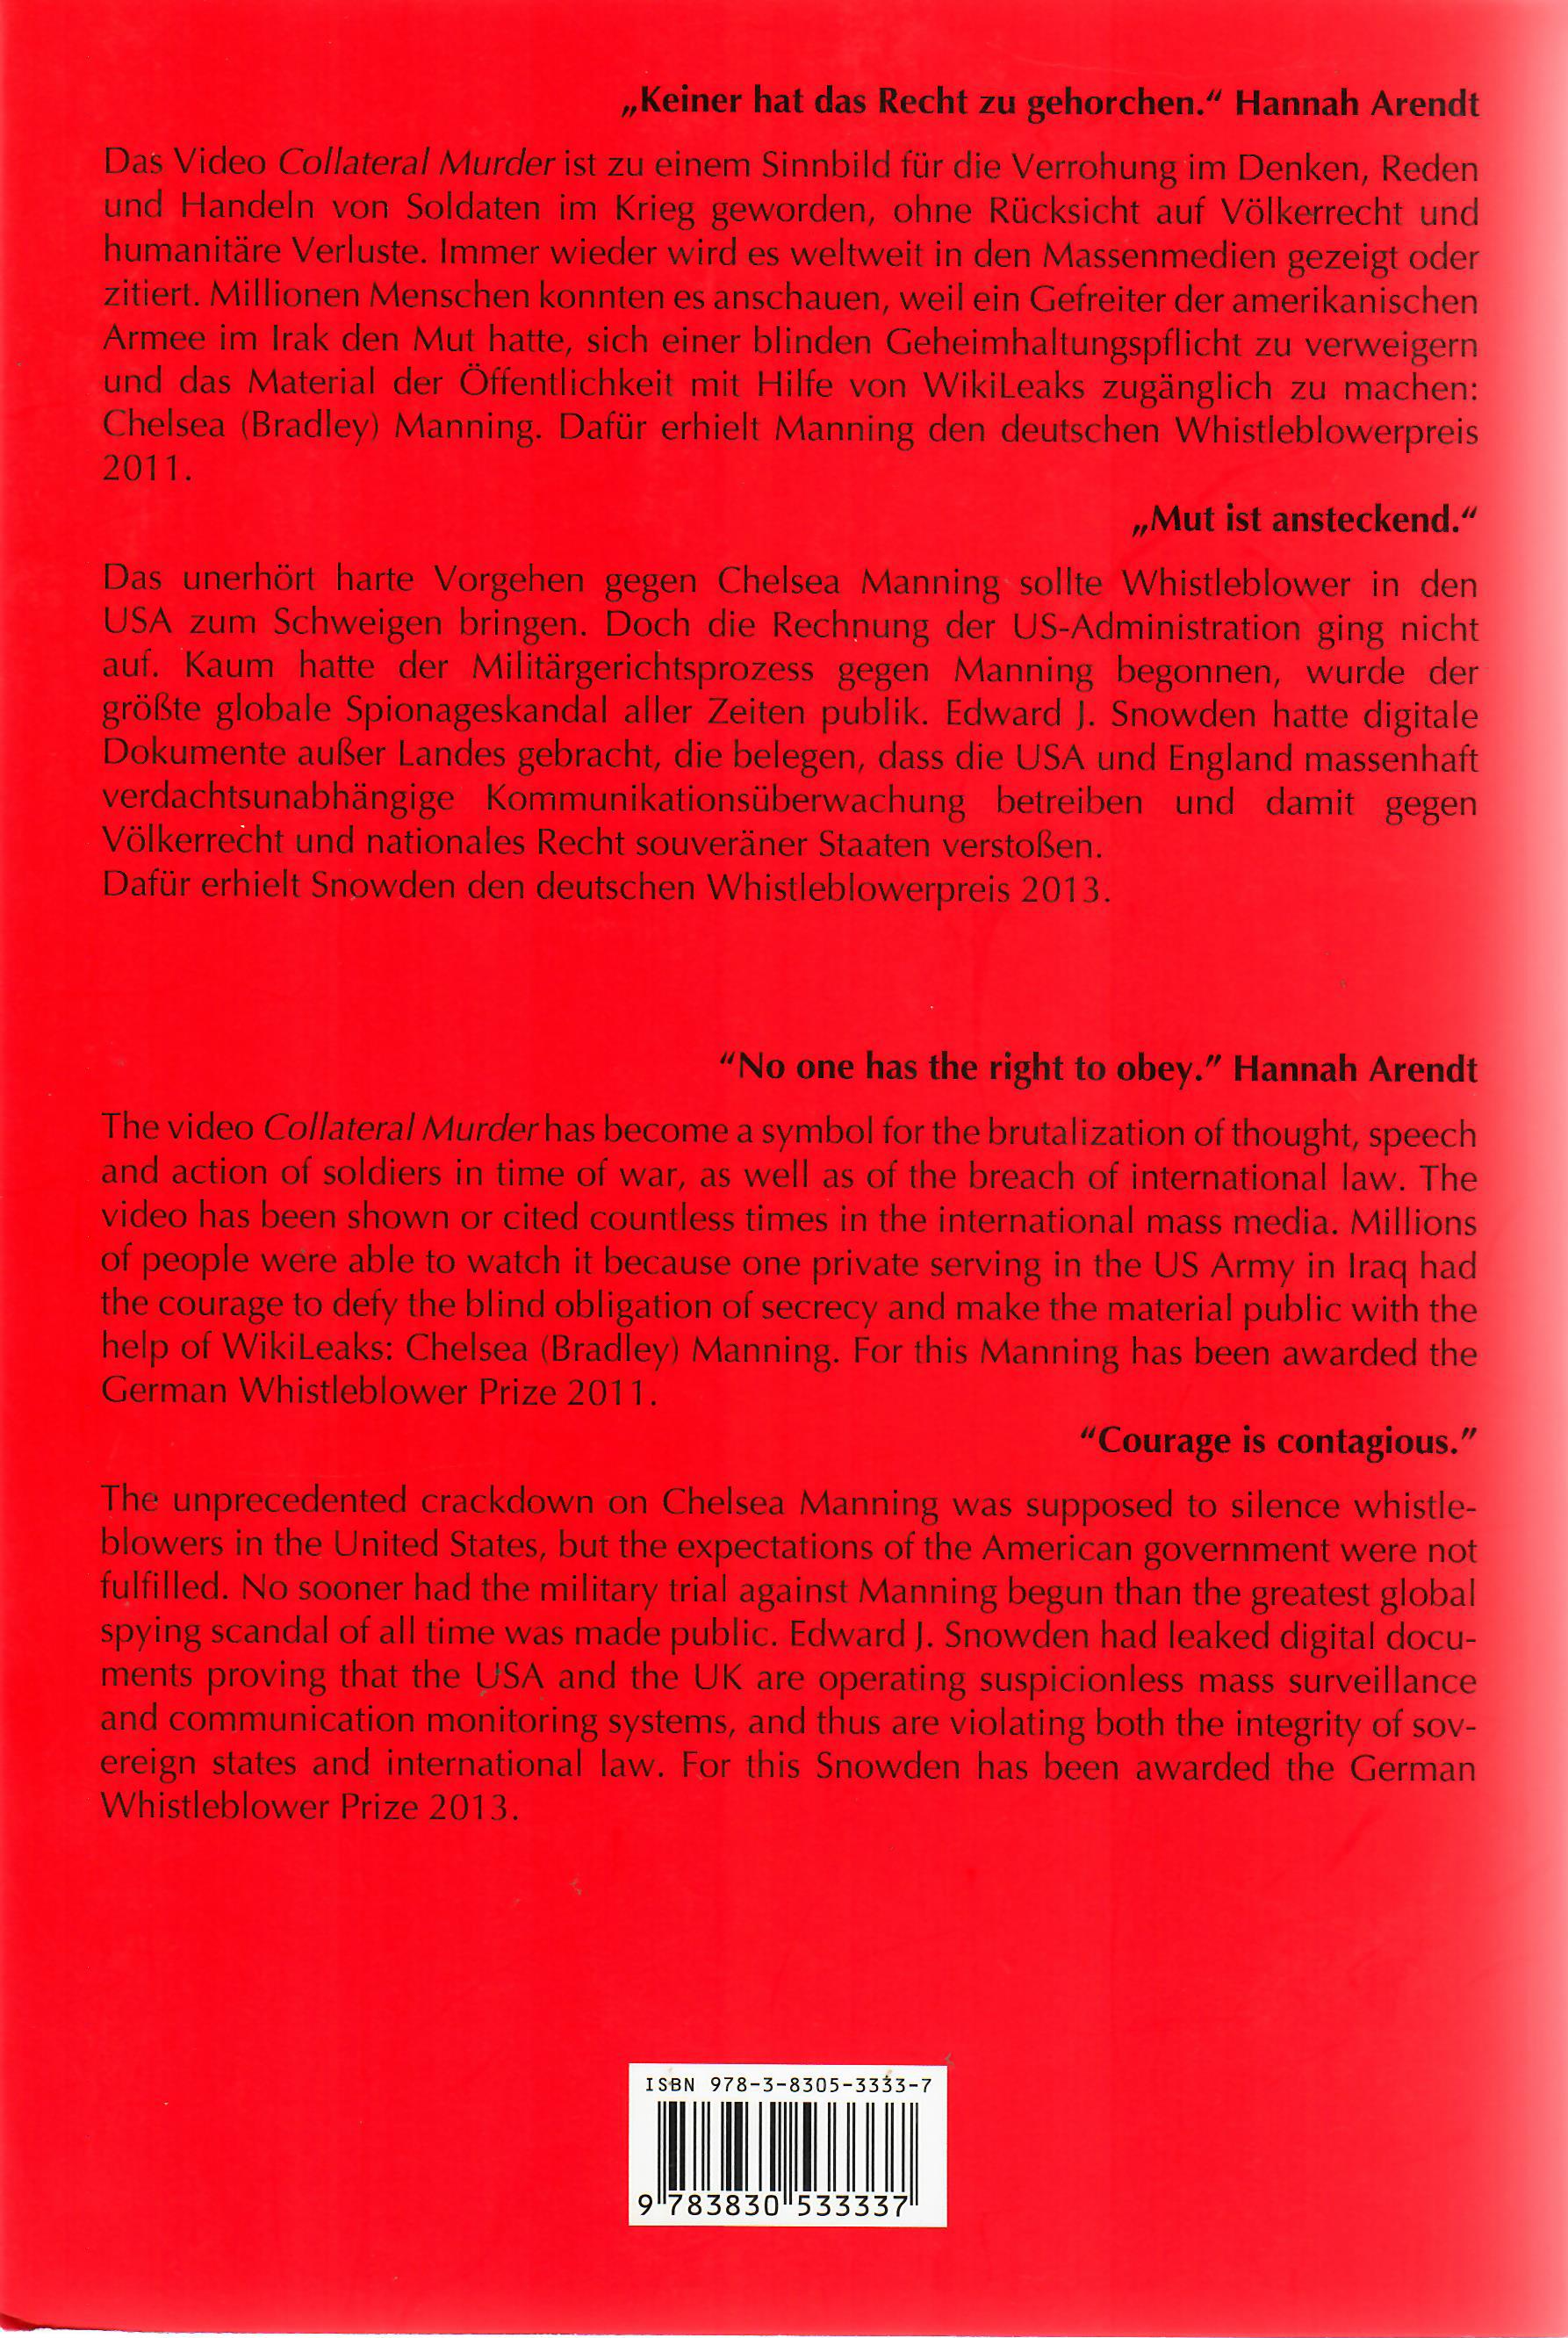 Whistleblower Preis 2011 und 2013 Klappentext